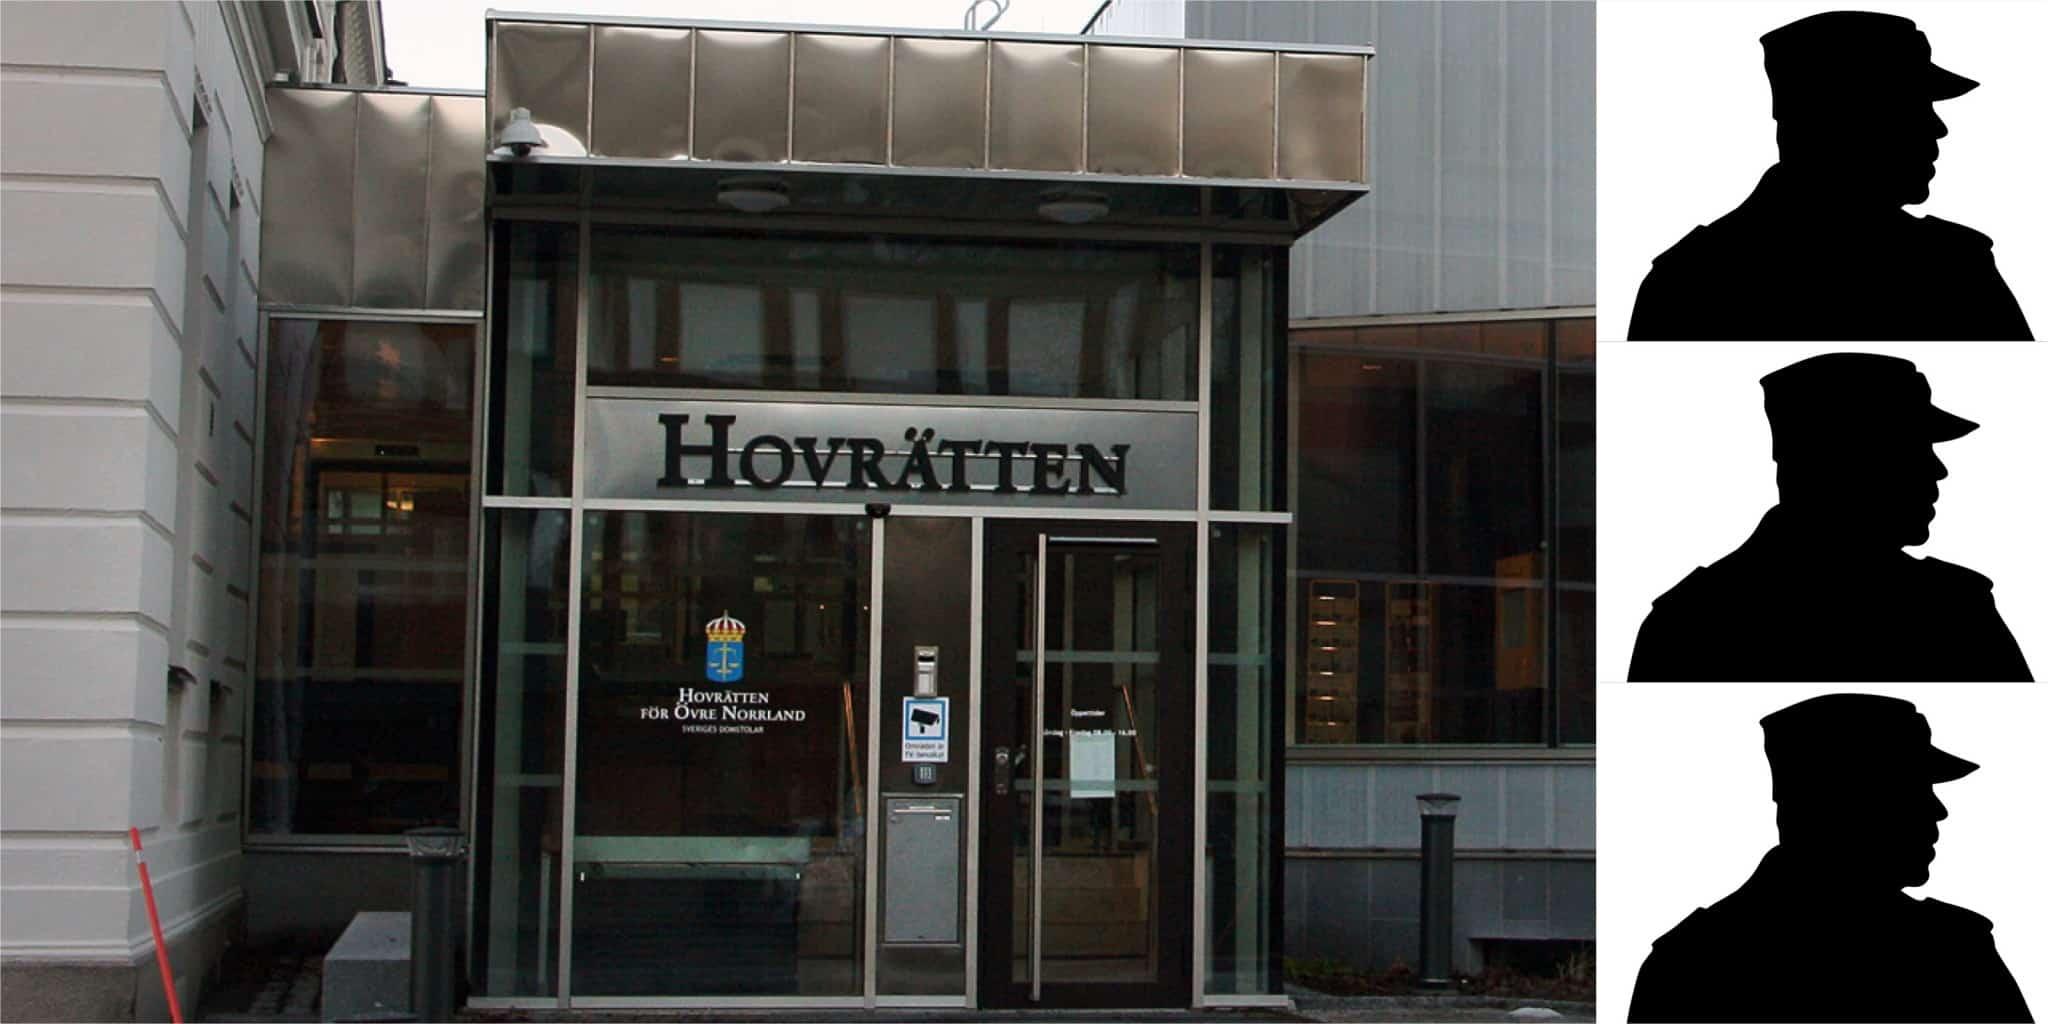 Hovrätten för övre Norrland dömer tre av männen i jaktbrottshärvan till fängelse. Foto: Lars-Henrik Andersson